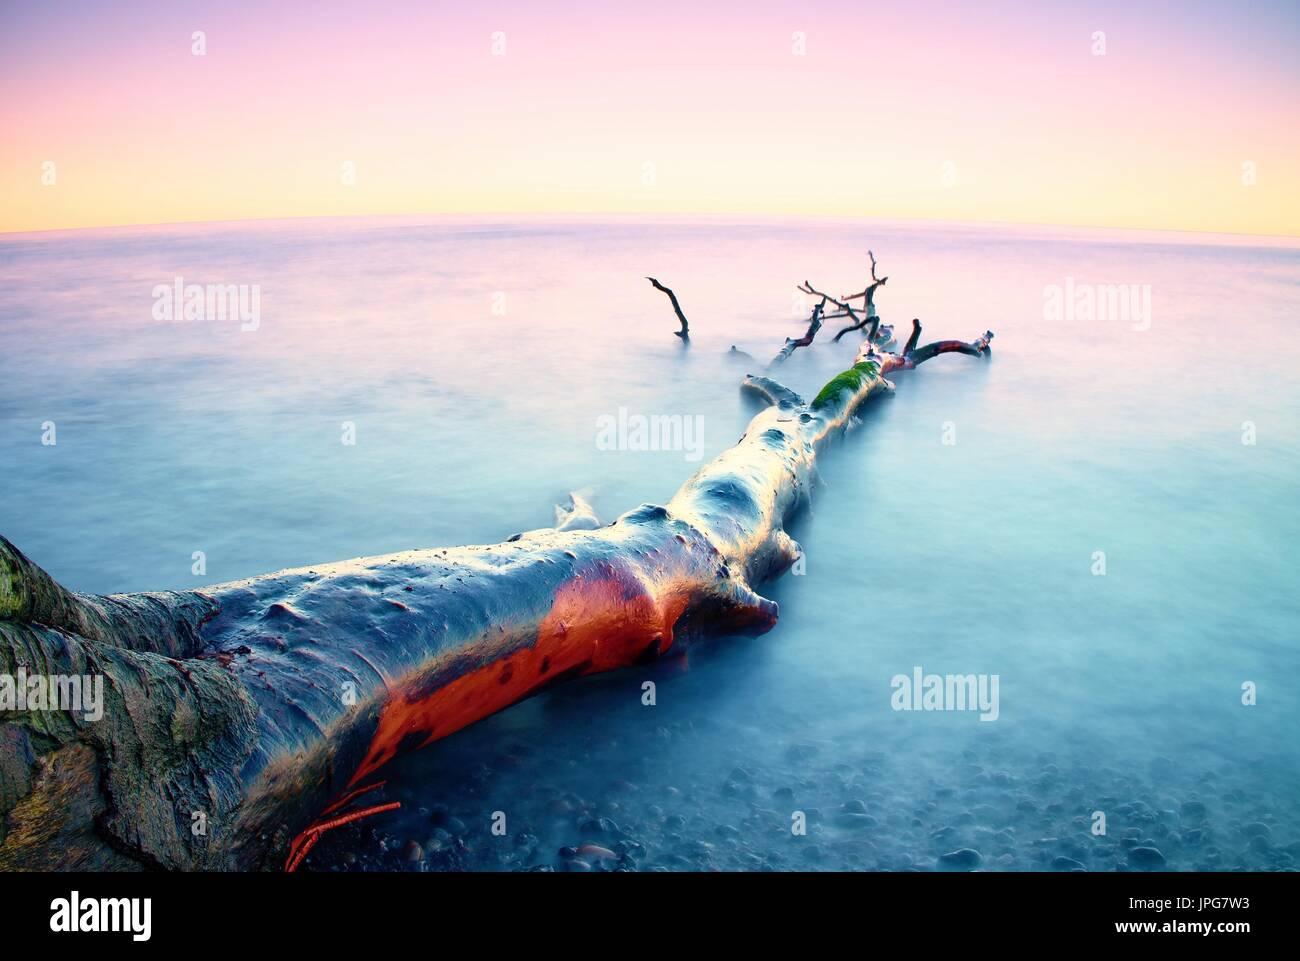 Romántica puesta de sol. Solitario árbol caído en costa pedregosa vacía. Rosa cielo ahumado suave del nivel del agua. Muerte con ramas de árbol en agua, nake Imagen De Stock